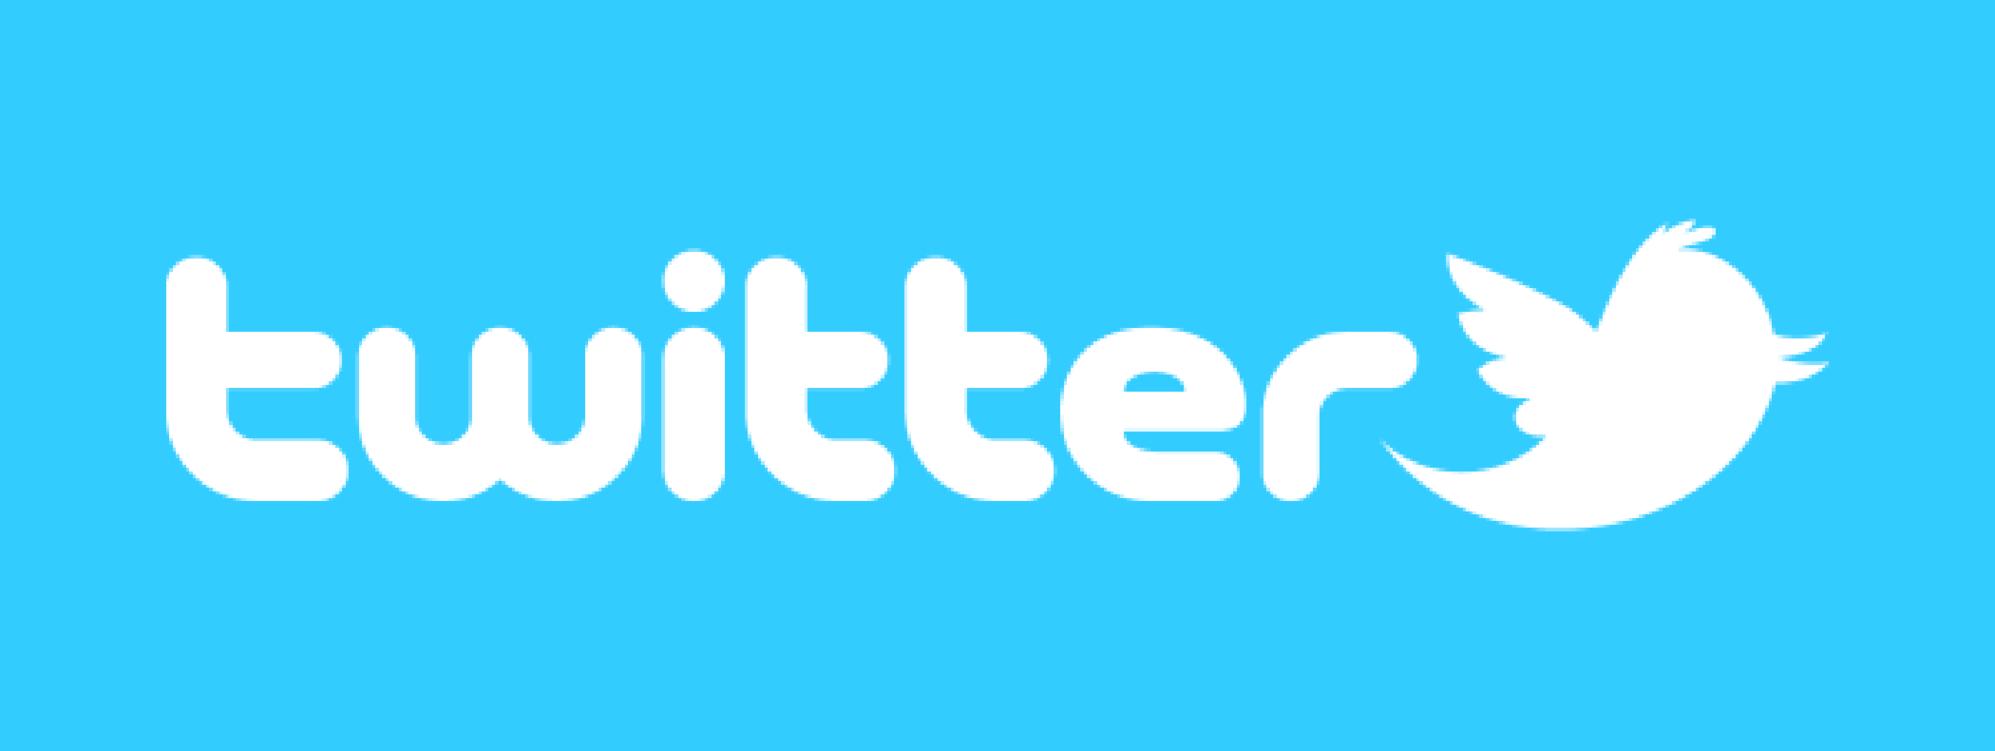 twitter-logo-clipart-free-4.jpg